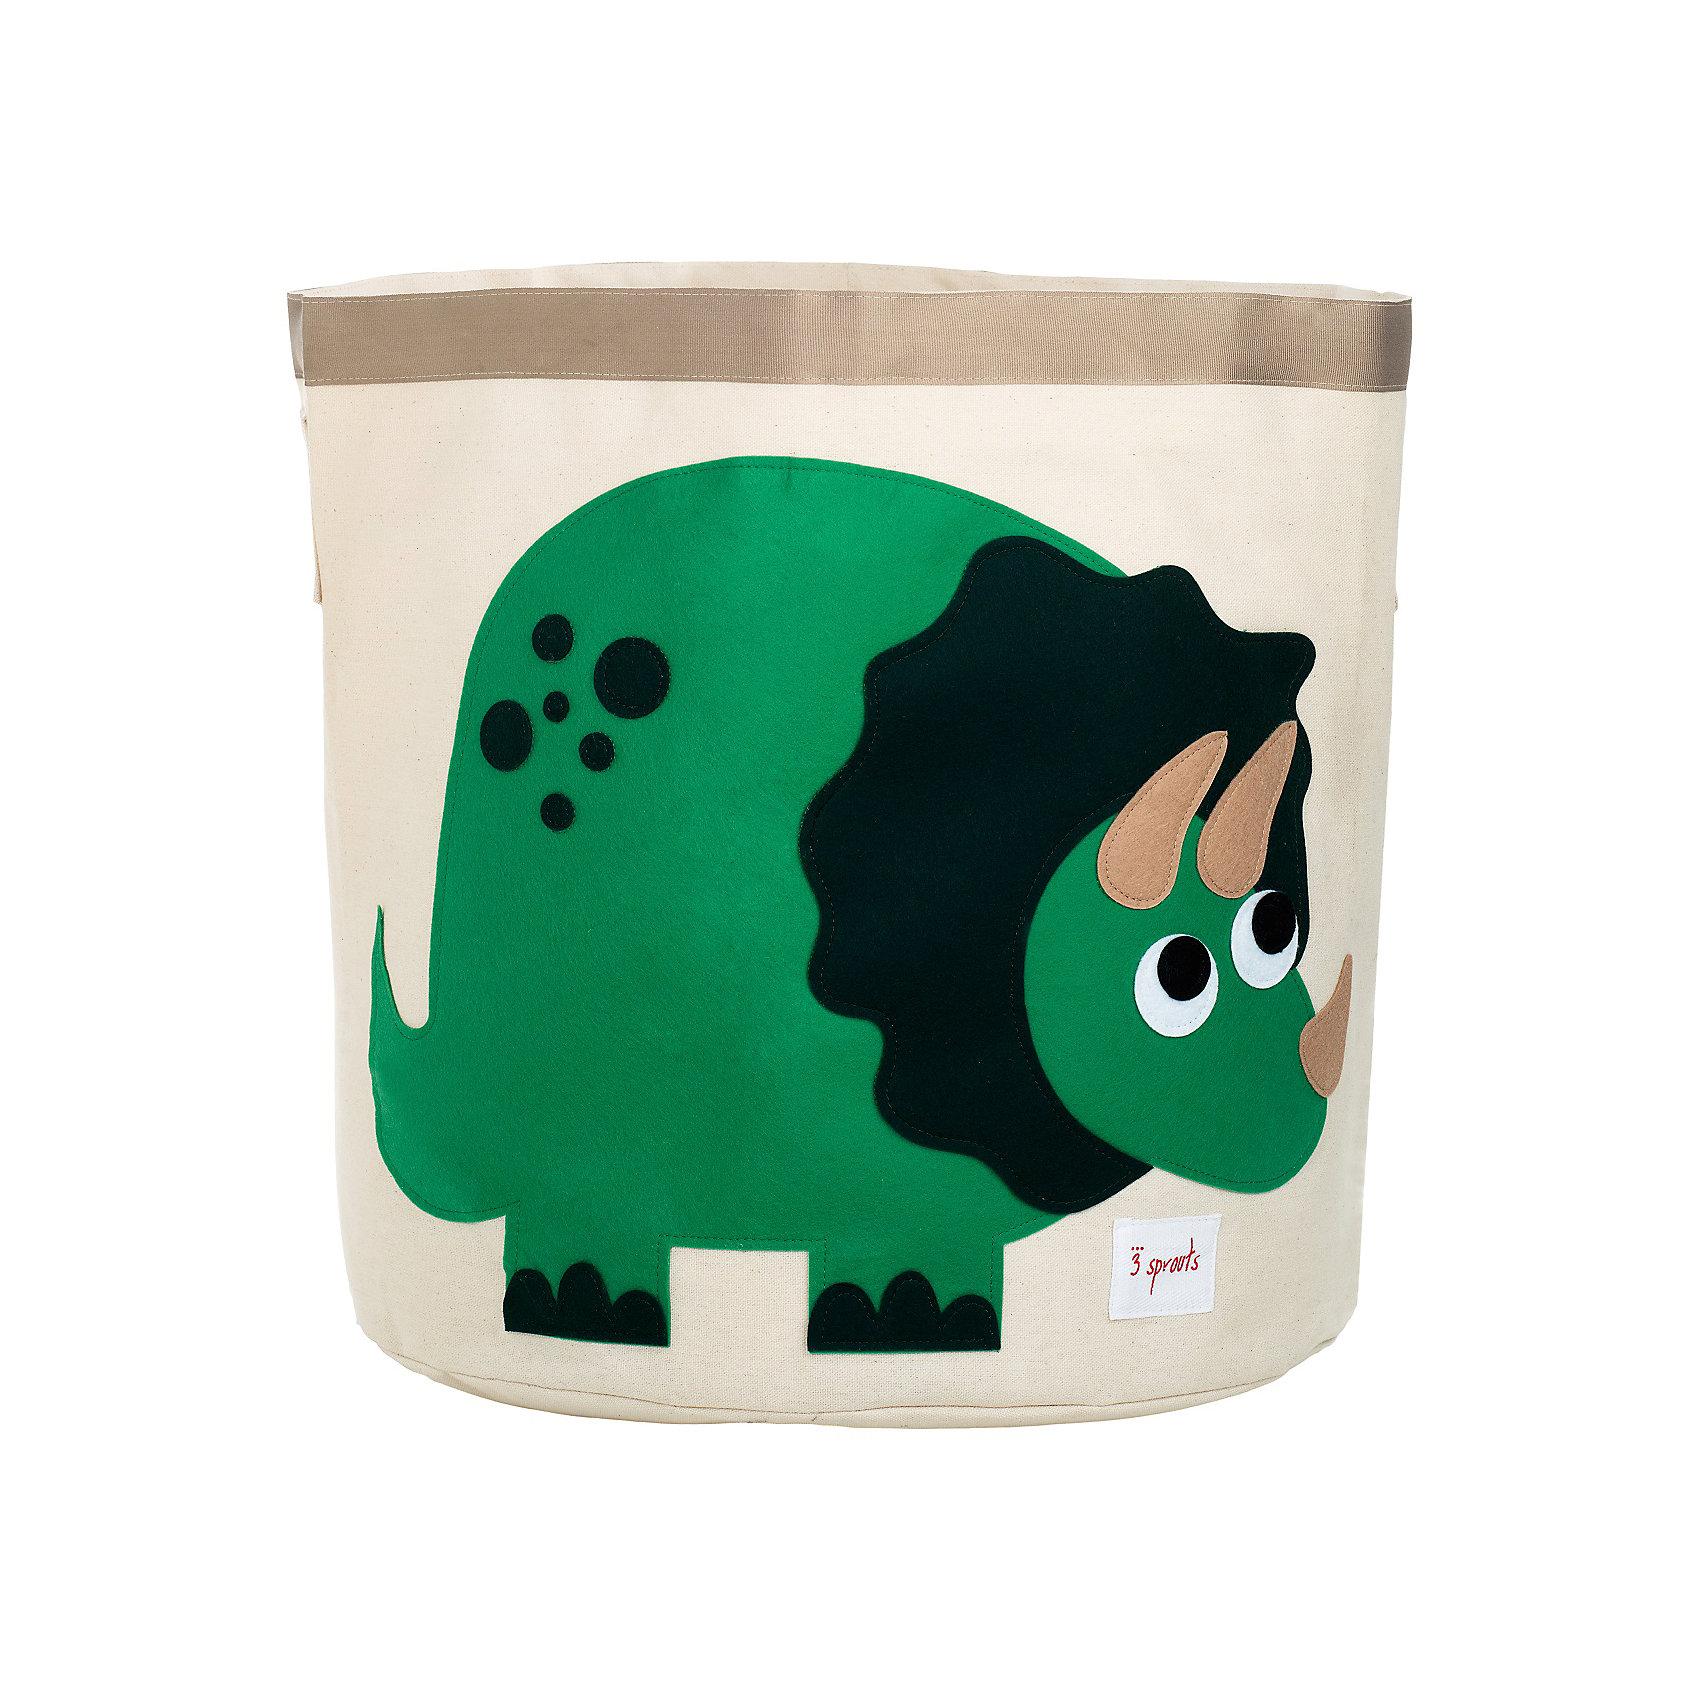 Корзина для хранения Динозаврик (Green Dinosaur), 3 SproutsПорядок в детской<br>Такие милые корзины помогут Вам навести порядок в детской. Размер корзины позволяет хранить в ней игрушки или белье.  <br><br>Дополнительная информация:<br><br>- Размер полотенца: 44.5х43 см.<br>- Материал: <br>100% хлопковый брезент.<br>100% полиэстровая фетровая аппликация.<br>100% полиэтиленовое покрытие (внутри).<br><br>Купить корзину для хранения Динозаврик (Green Dinosaur), можно в нашем магазине.<br><br>Ширина мм: 250<br>Глубина мм: 20<br>Высота мм: 450<br>Вес г: 526<br>Возраст от месяцев: 6<br>Возраст до месяцев: 84<br>Пол: Унисекс<br>Возраст: Детский<br>SKU: 5098214